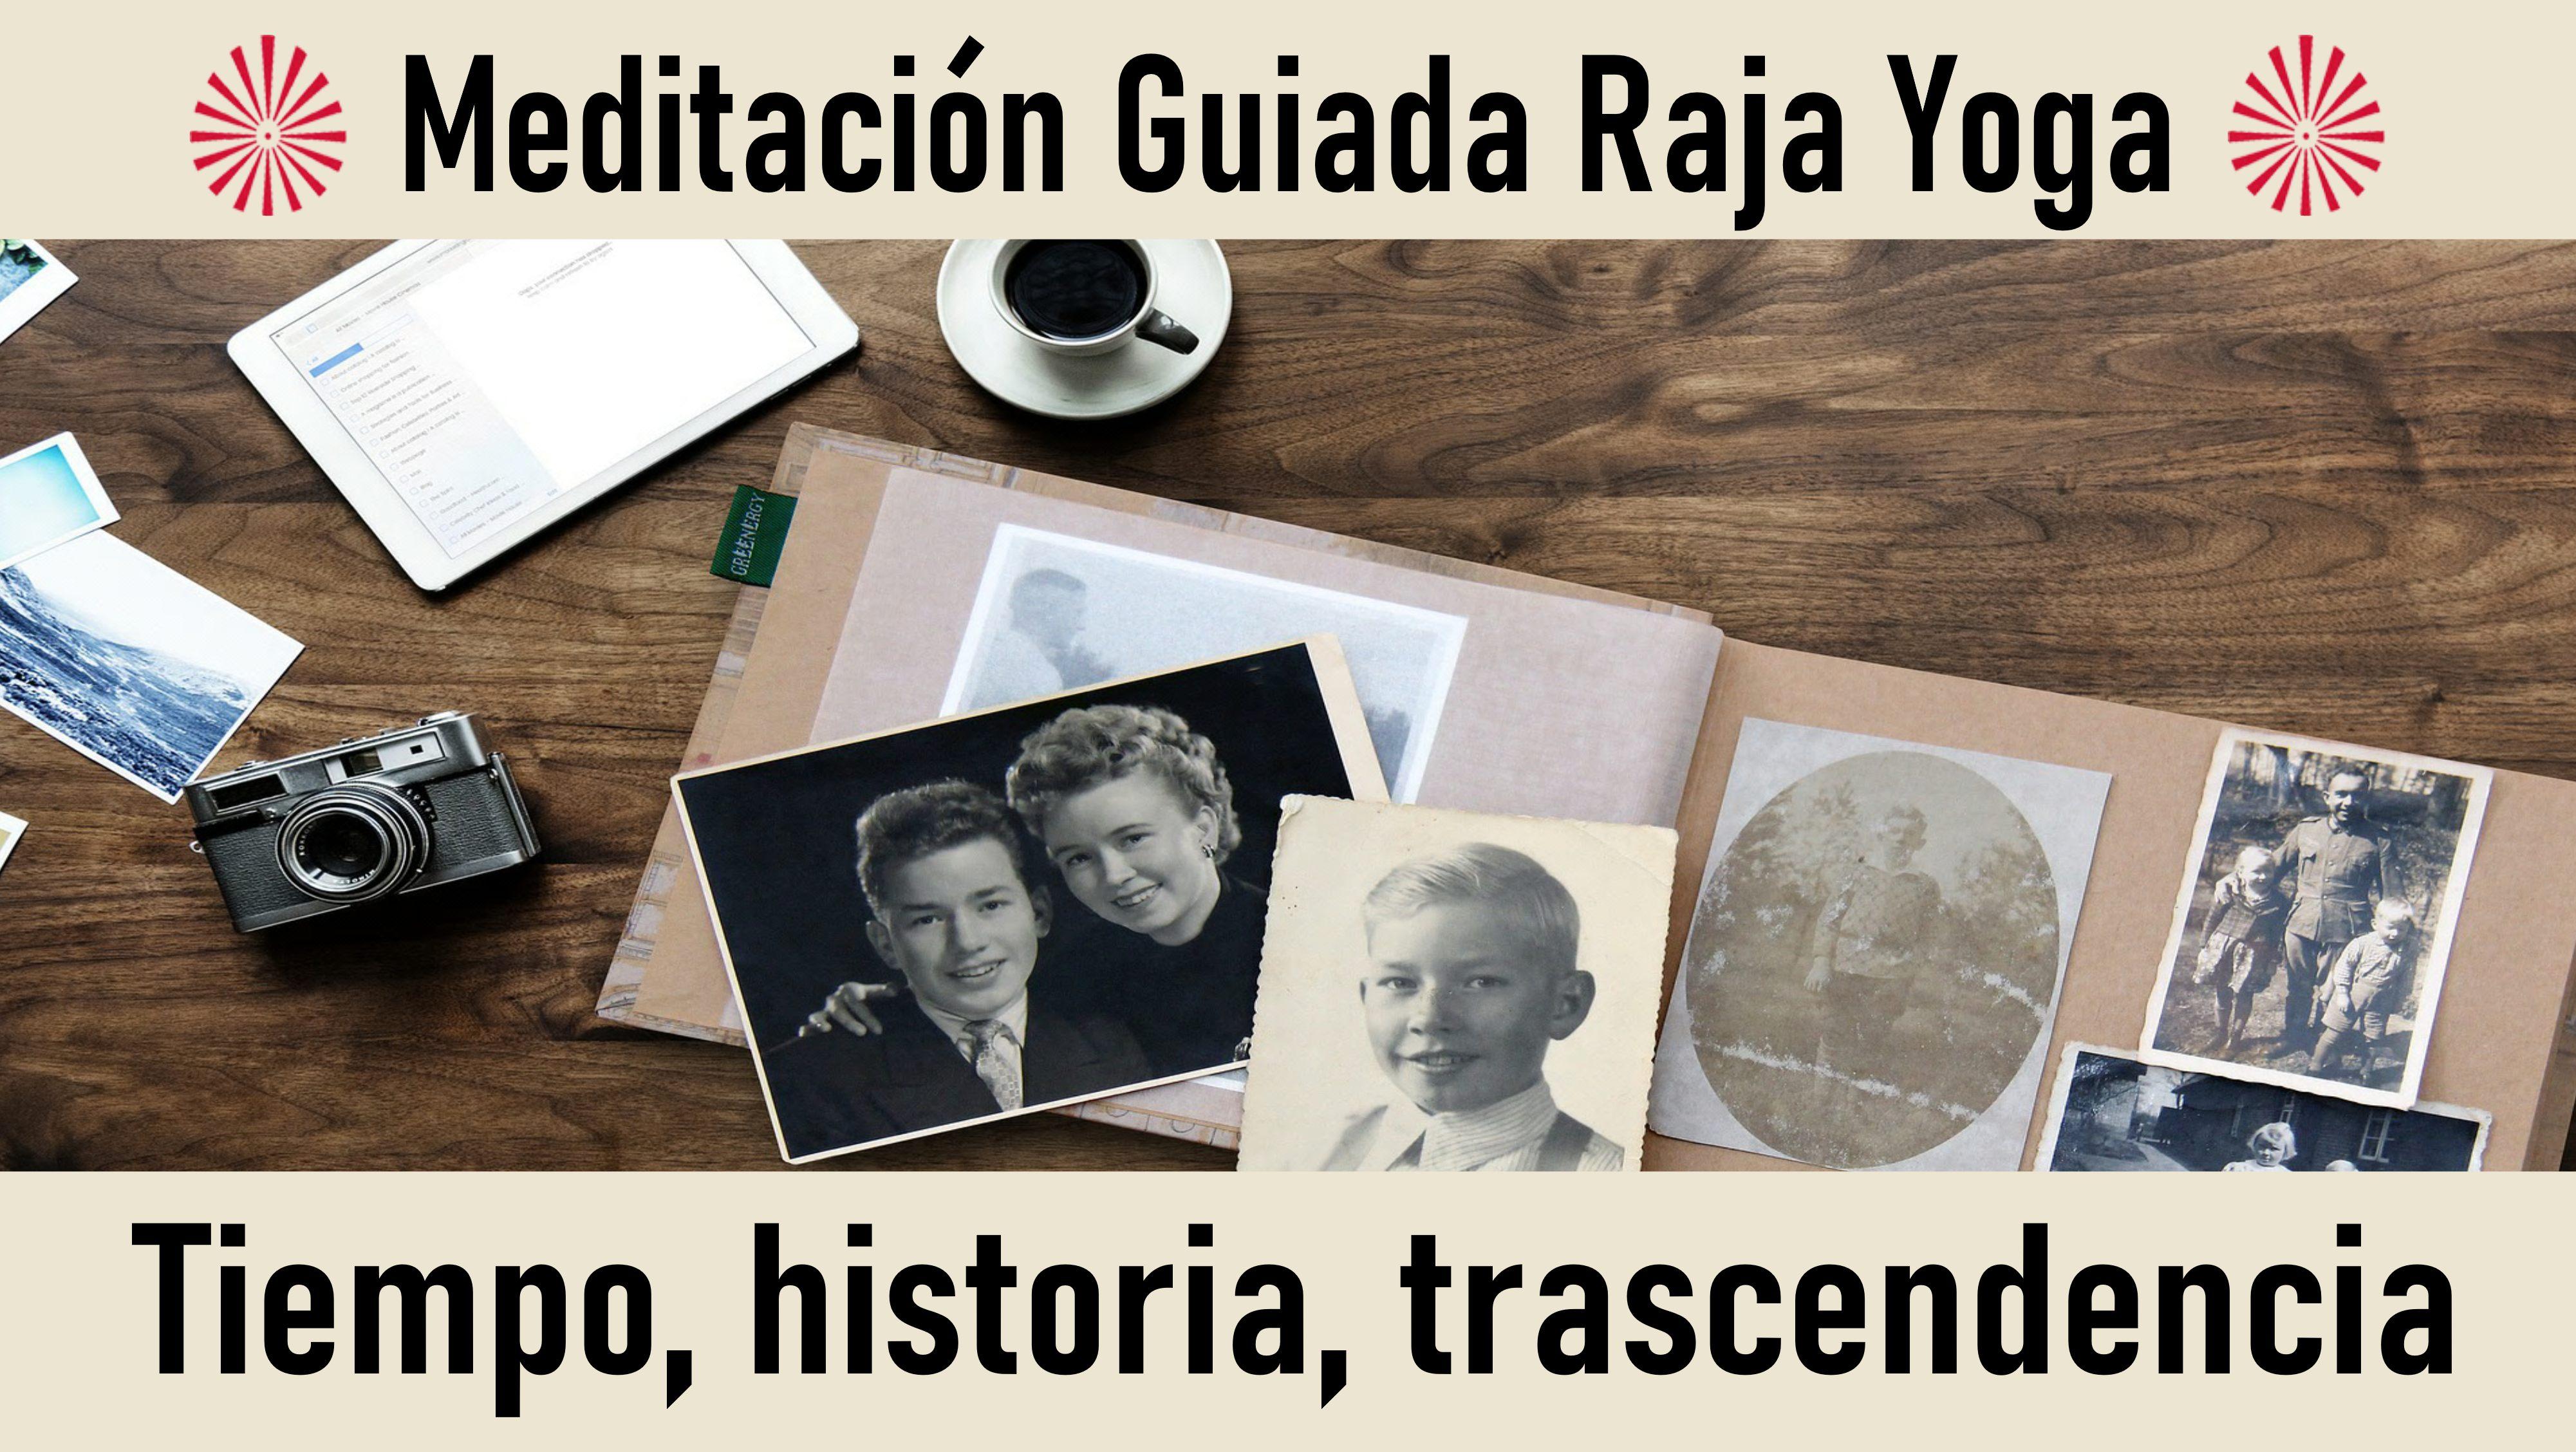 Meditación Raja Yoga: Tiempo, historia, trascendencia (30 Octubre 2020) On-line desde Barcelona